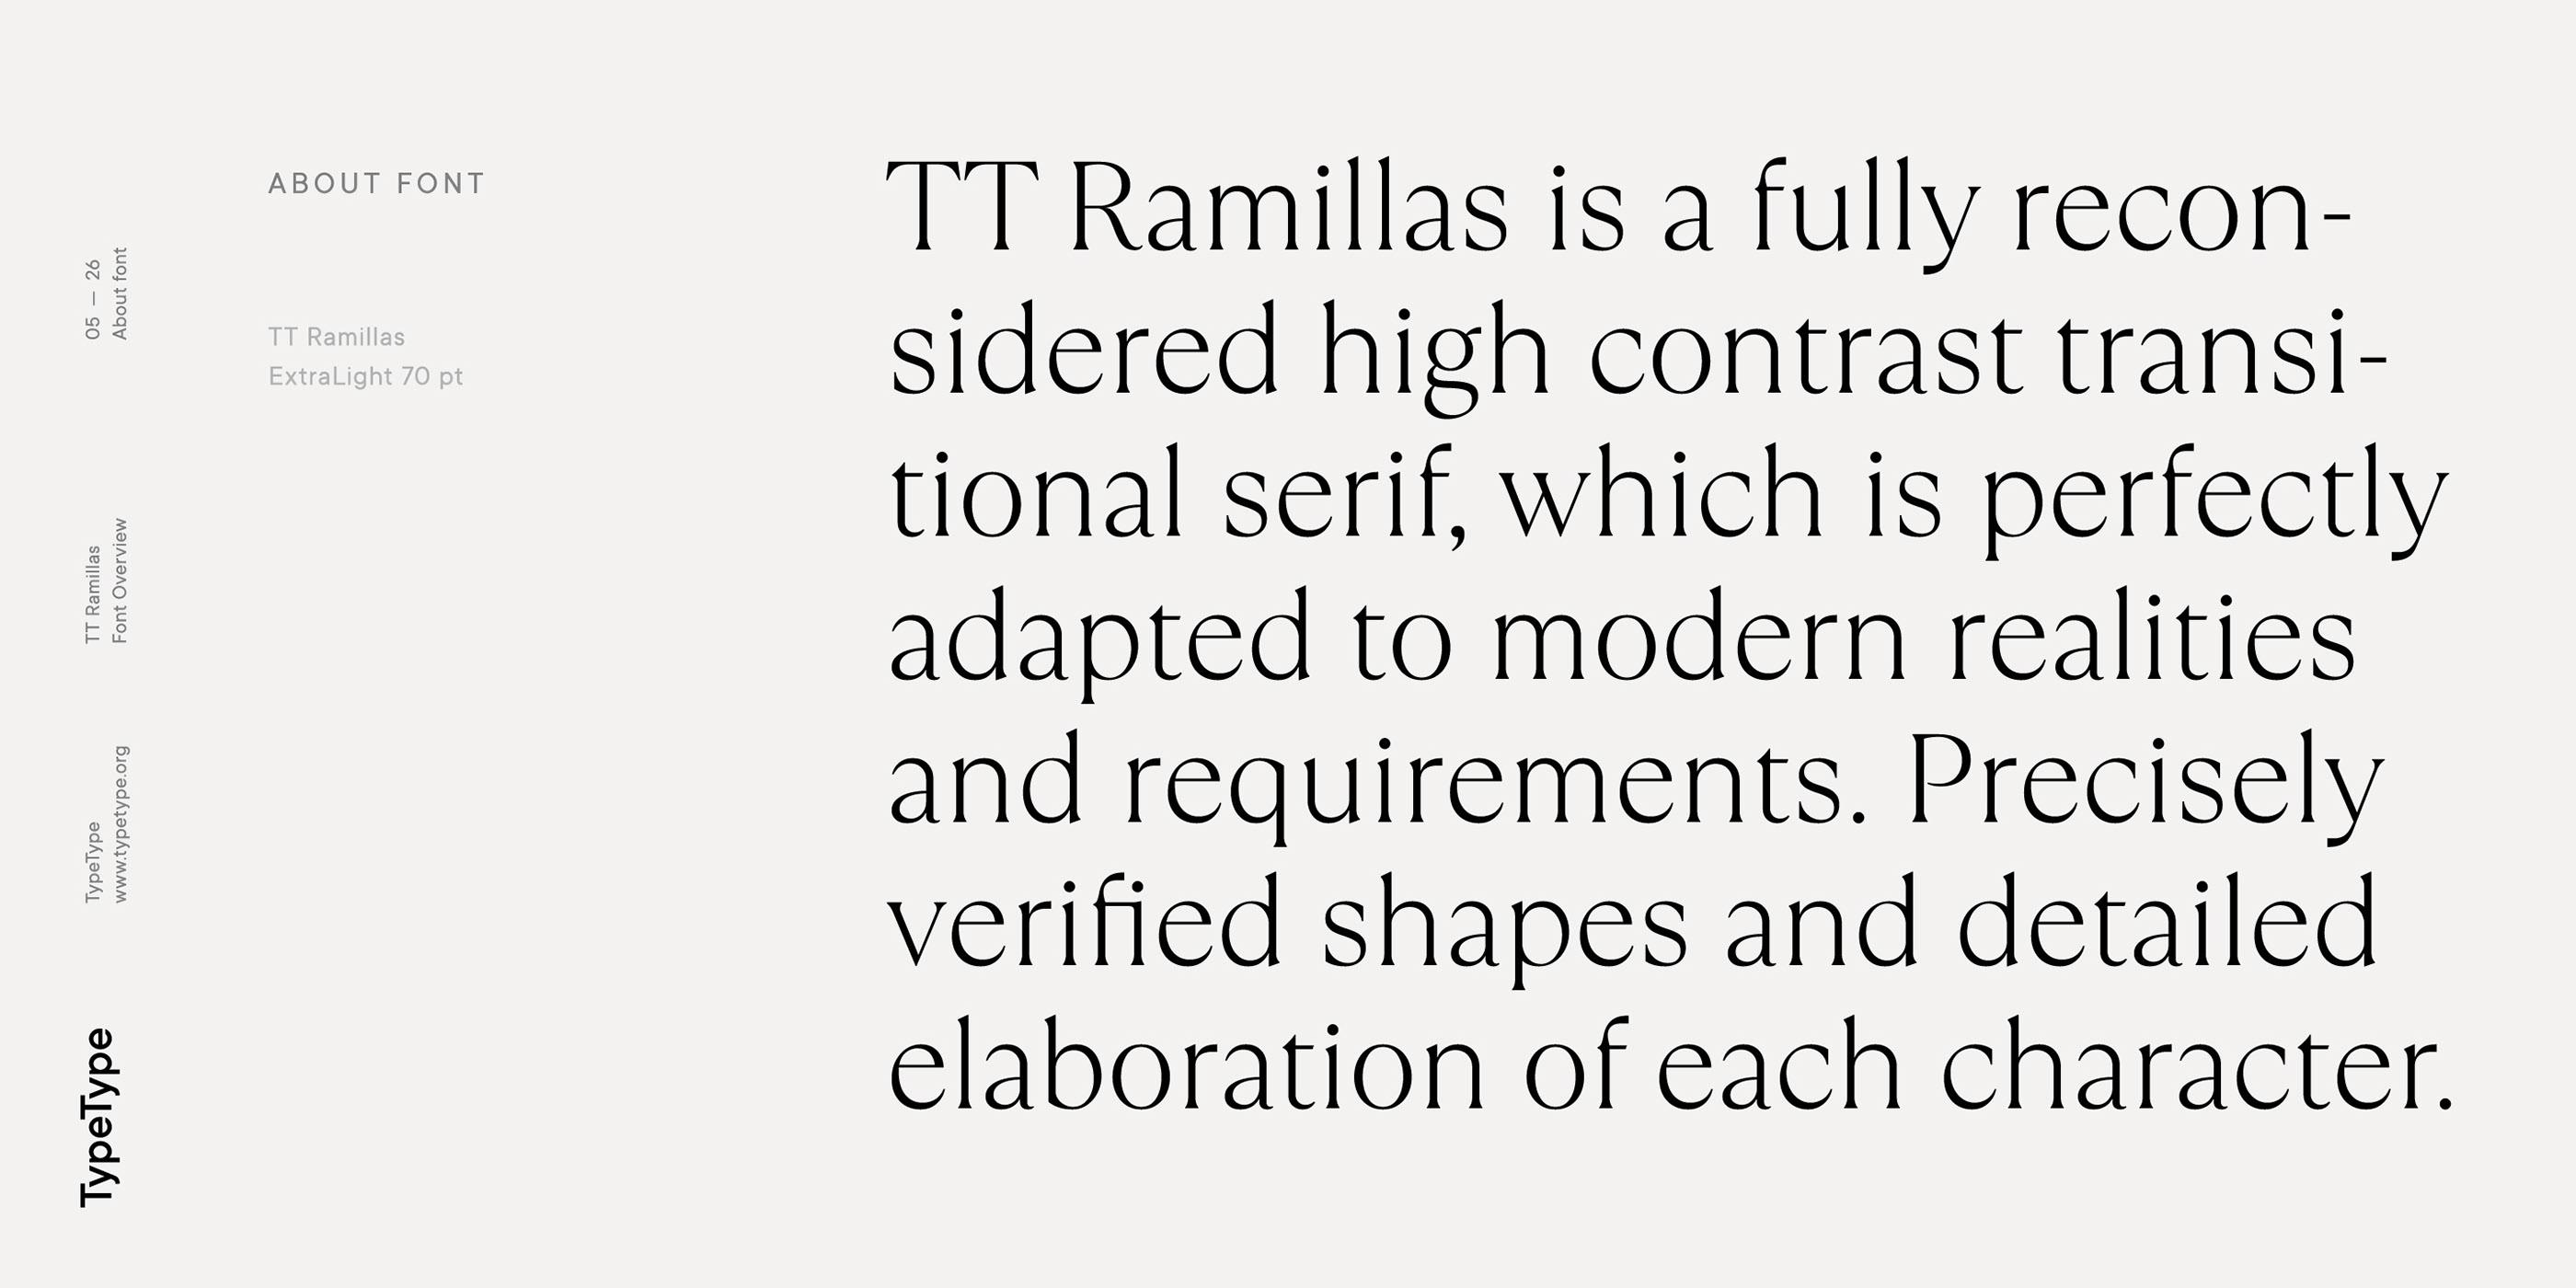 时尚海报标题文字设计衬线英文字体素材 Ramillas Typeface插图(3)